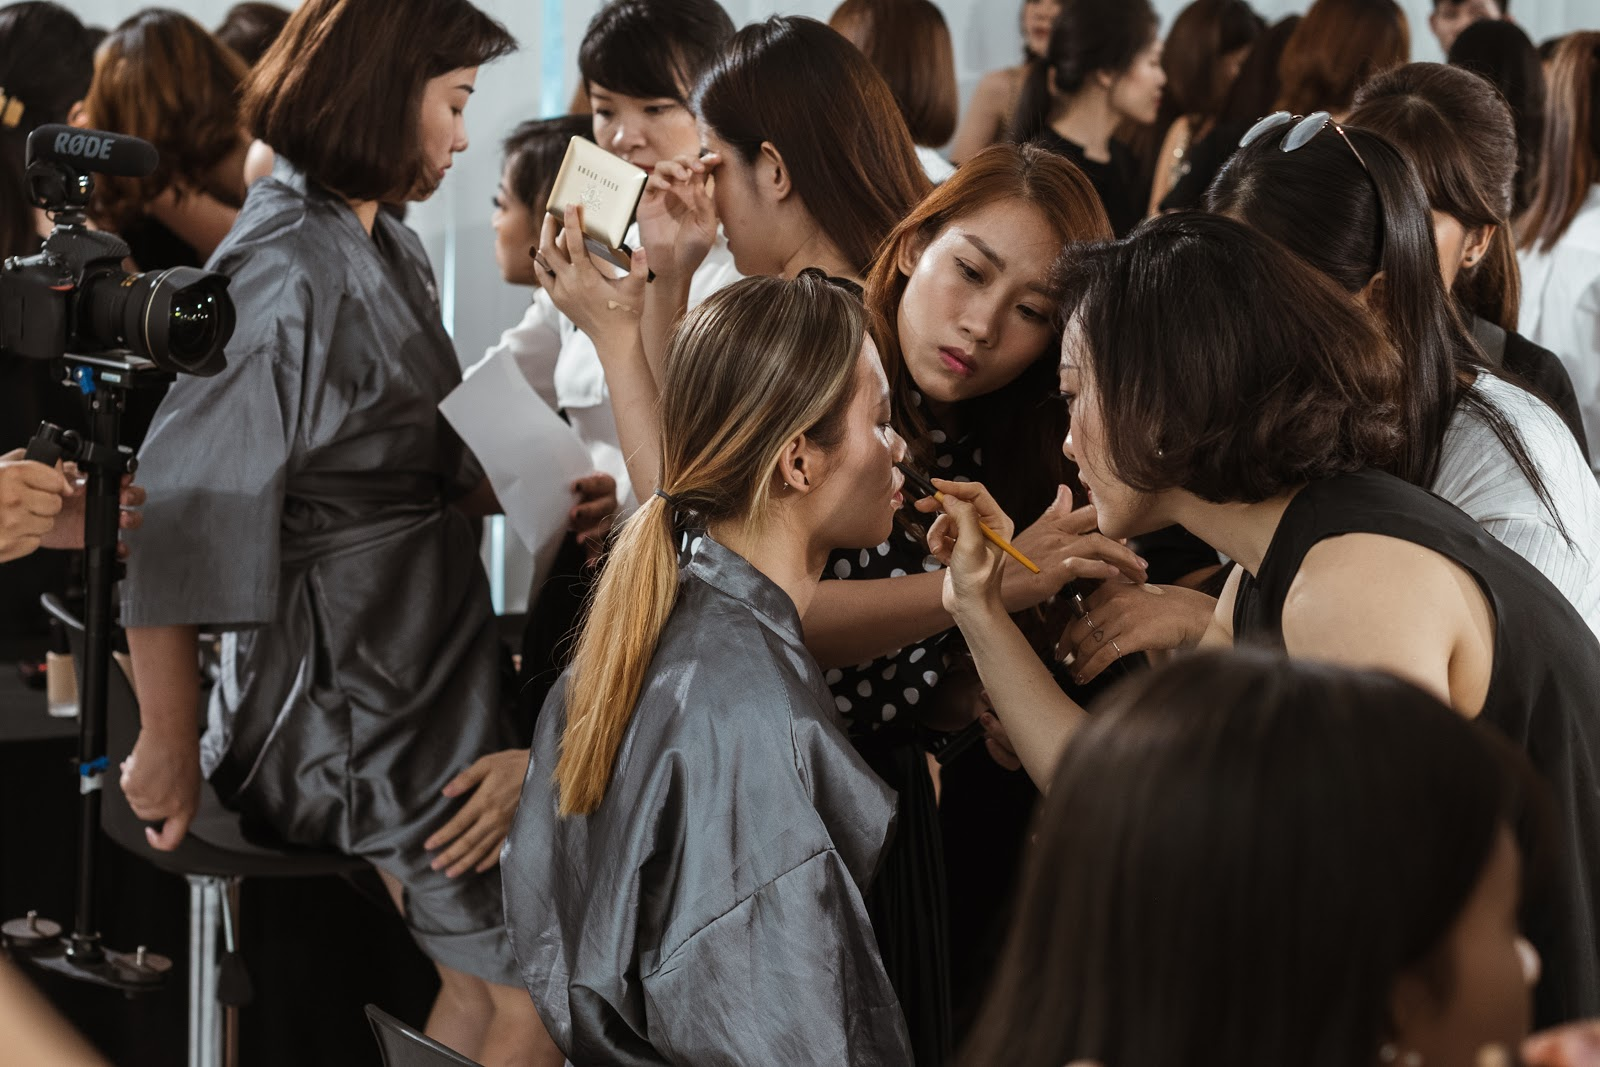 Điều gì xảy ra khi phù thủy make-up Việt kết hợp với thương hiệu mỹ phẩm lớn? - Ảnh 12.